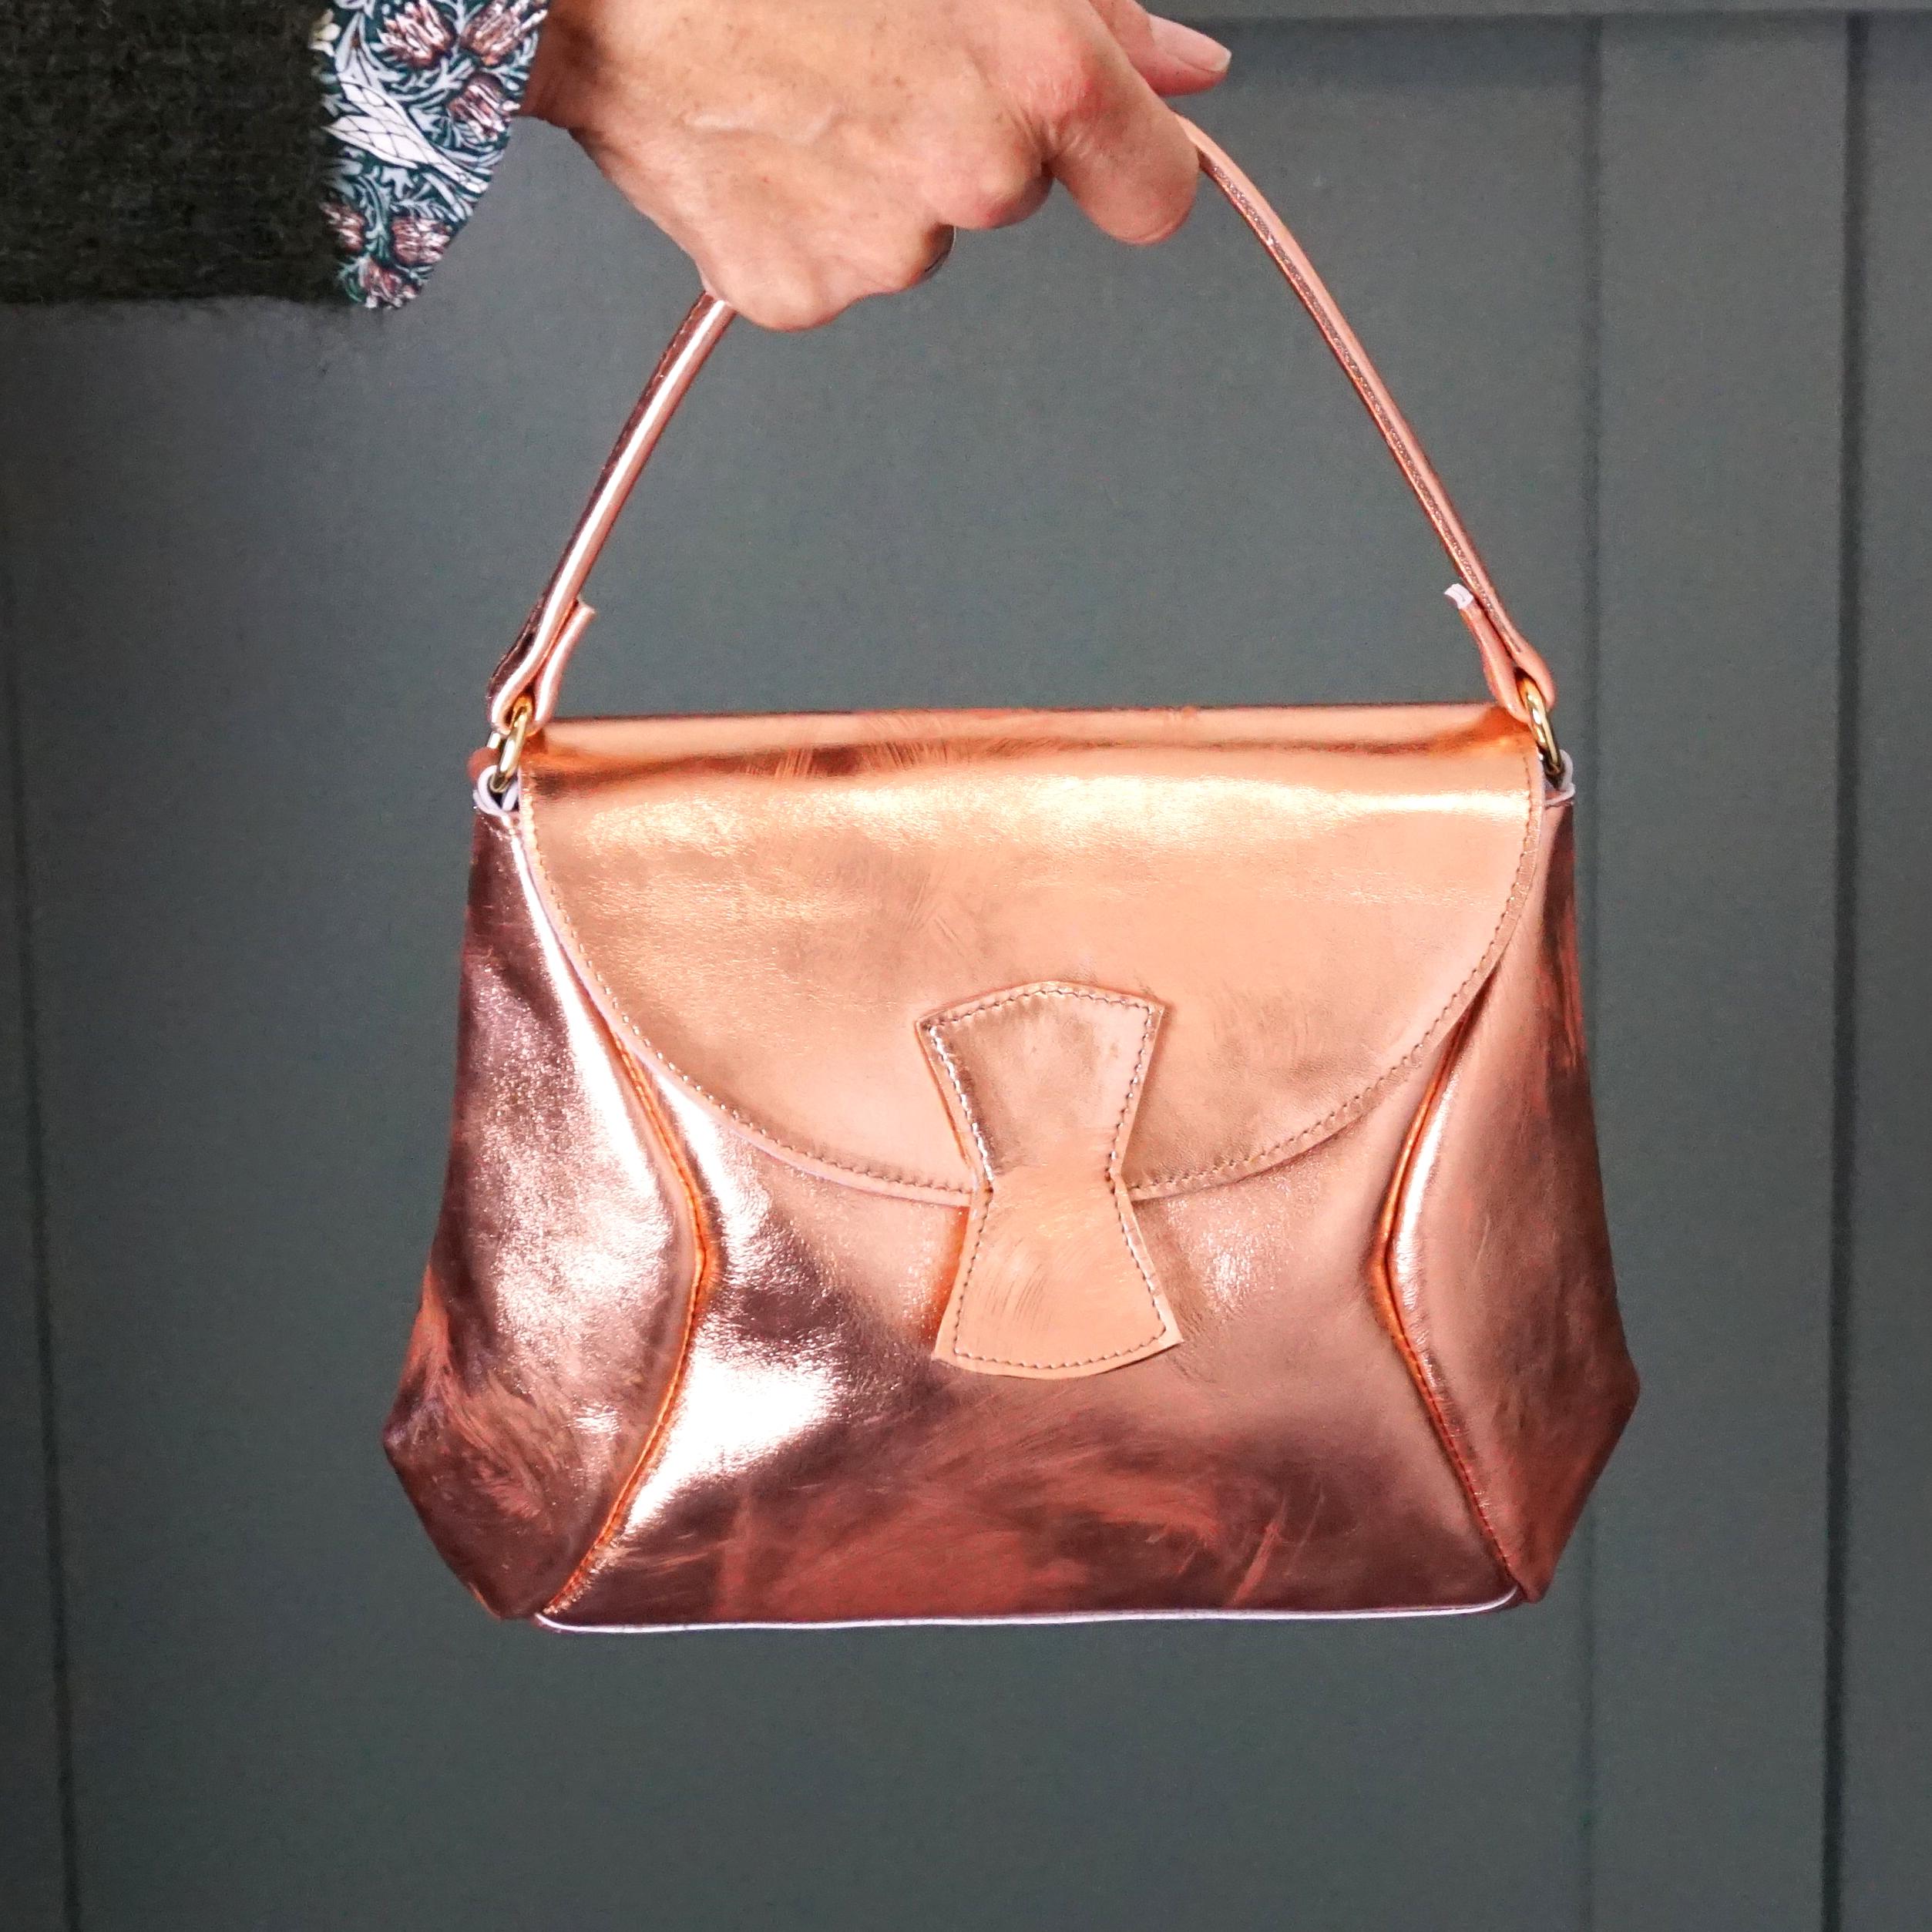 copper leather handbag chic handmade by studio van leeuwen